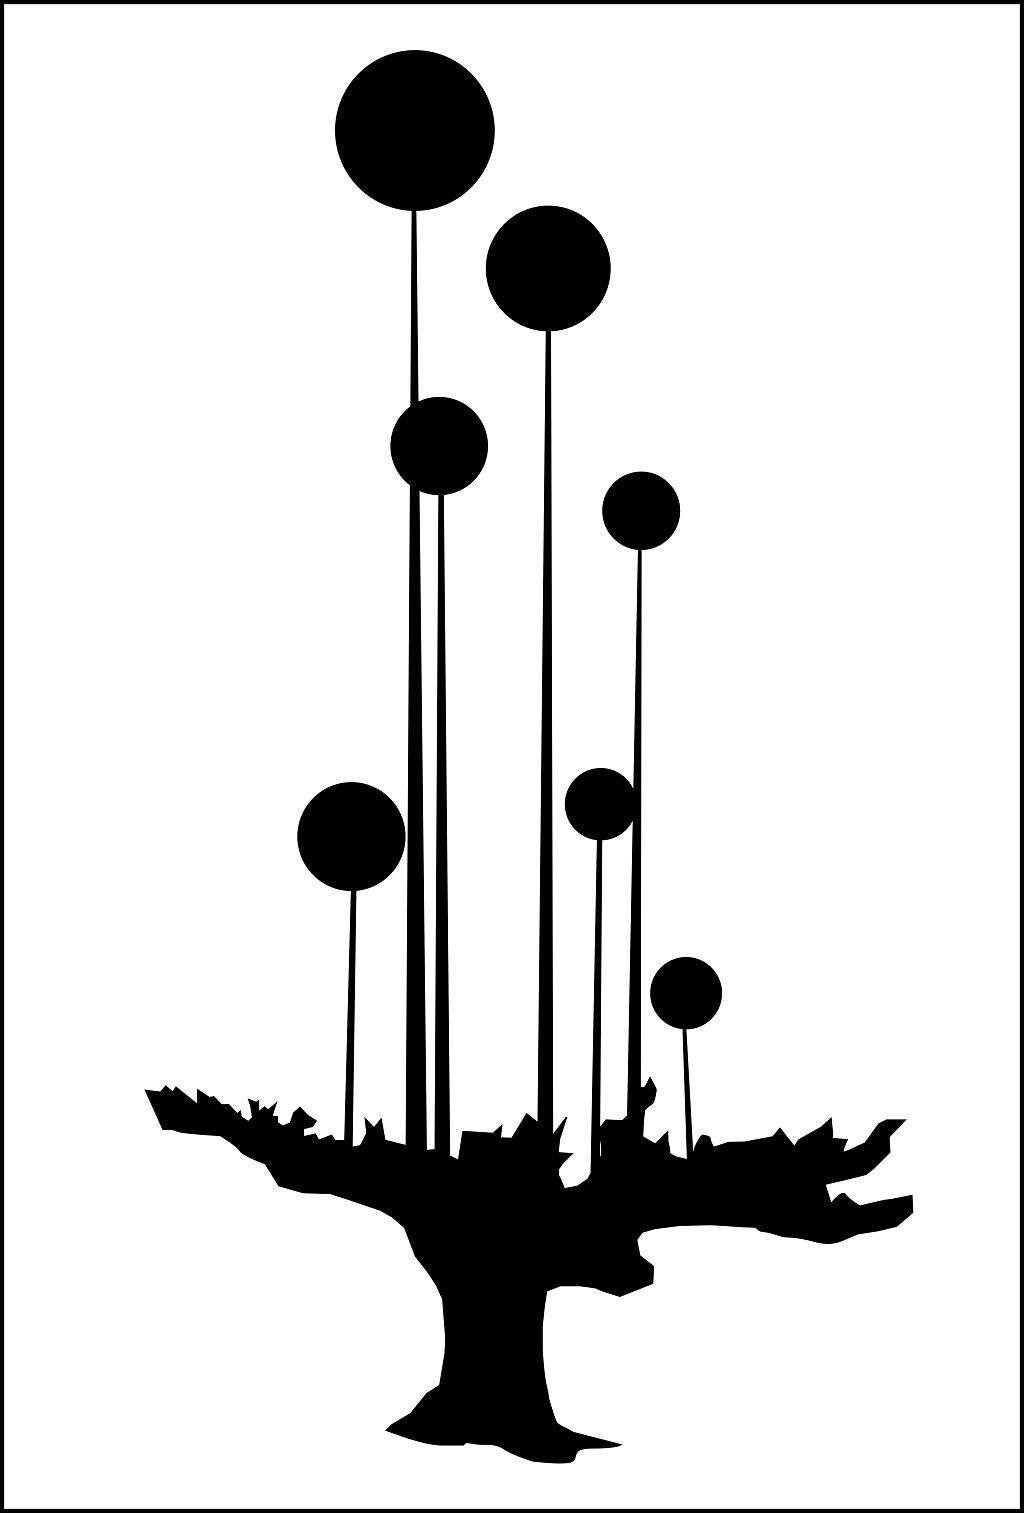 daishugi-illustration-2